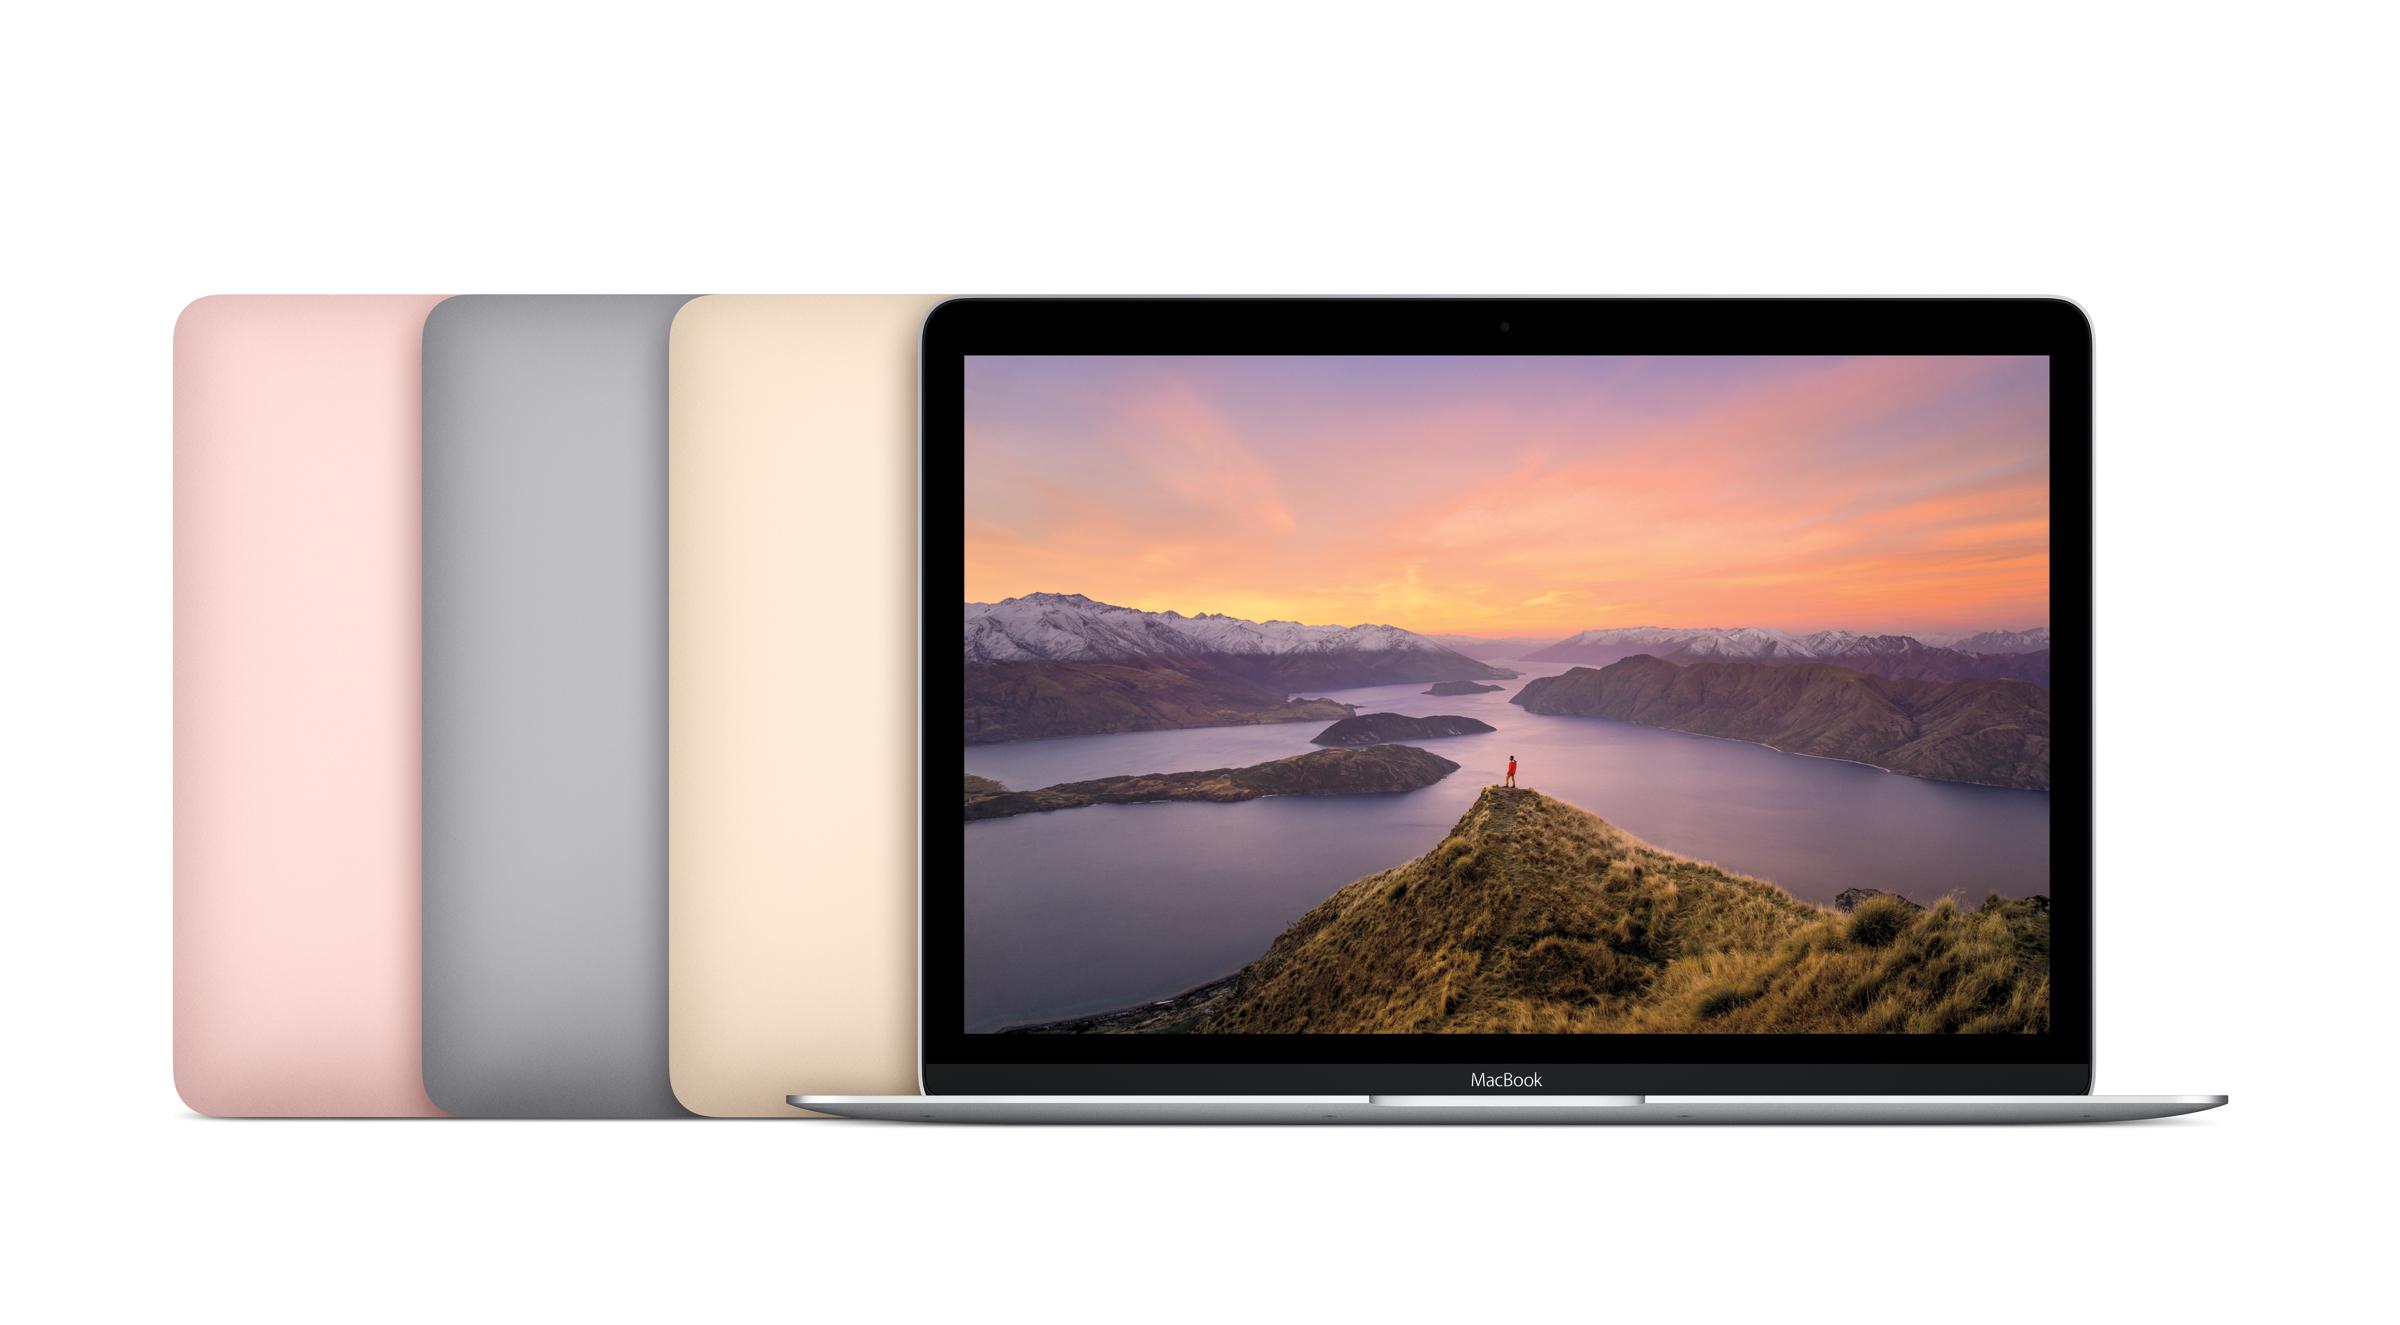 苹果小升级了 MacBook 系列,并新增玫瑰金选项